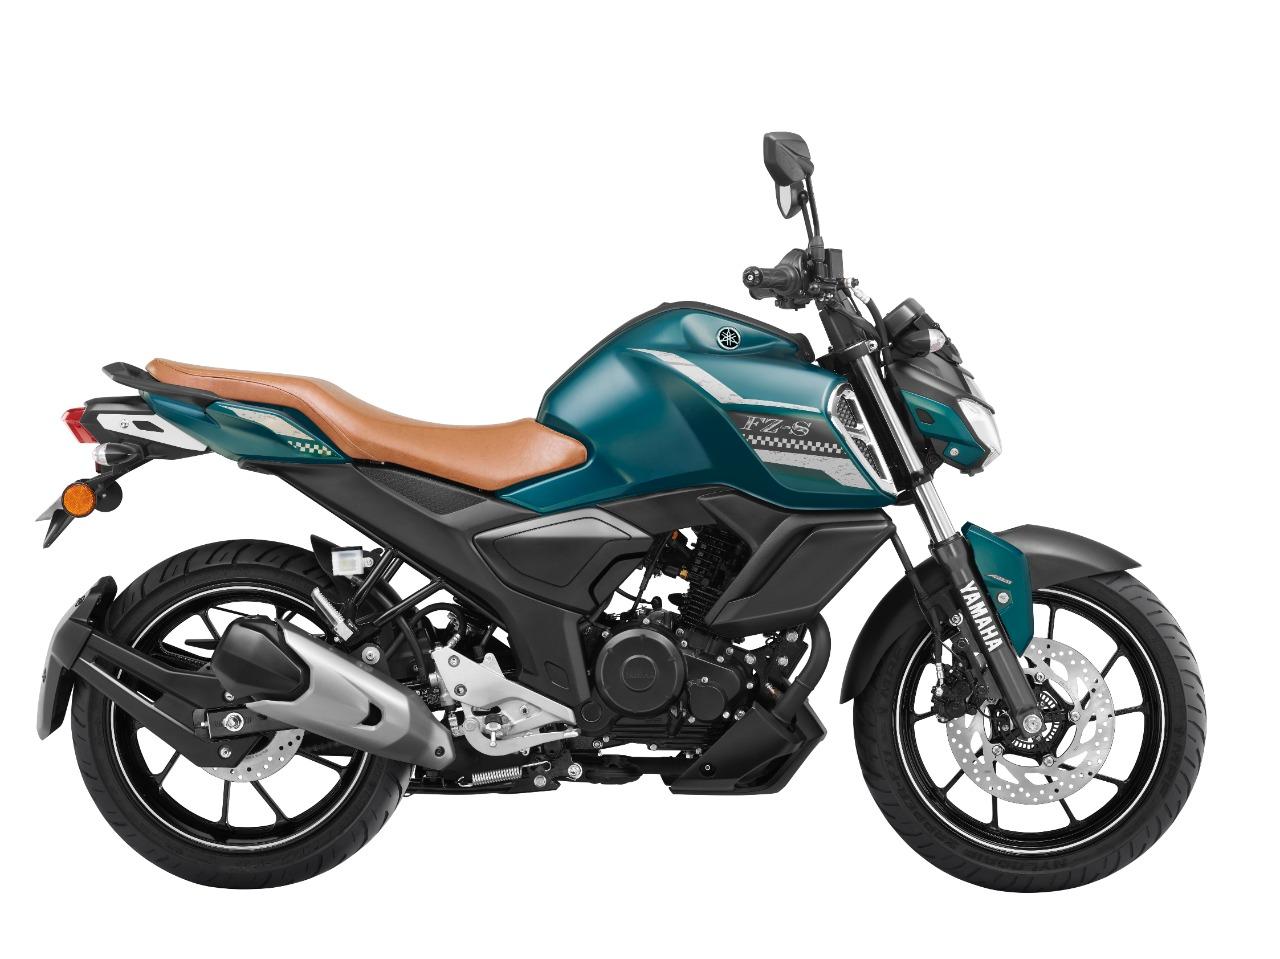 रेगुलर मॉडल की तुलना में यह 5 हजार रुपए ज्यादा महंगी है।